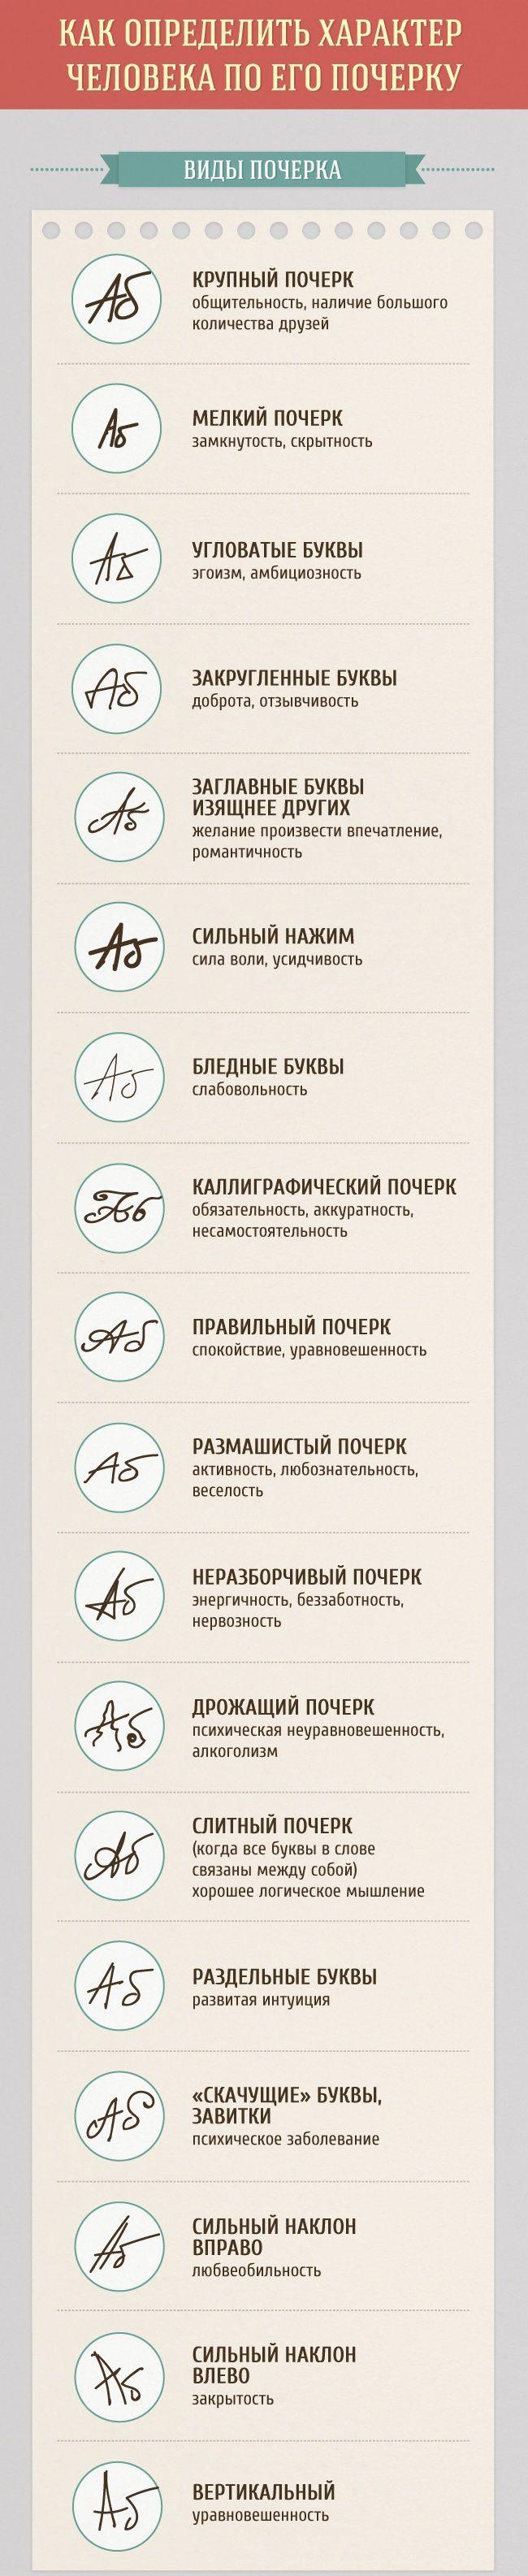 http://www.adme.ru/zhizn-nauka/chto-rasskazyvaet-o-cheloveke-ego-pocherk-1066910/